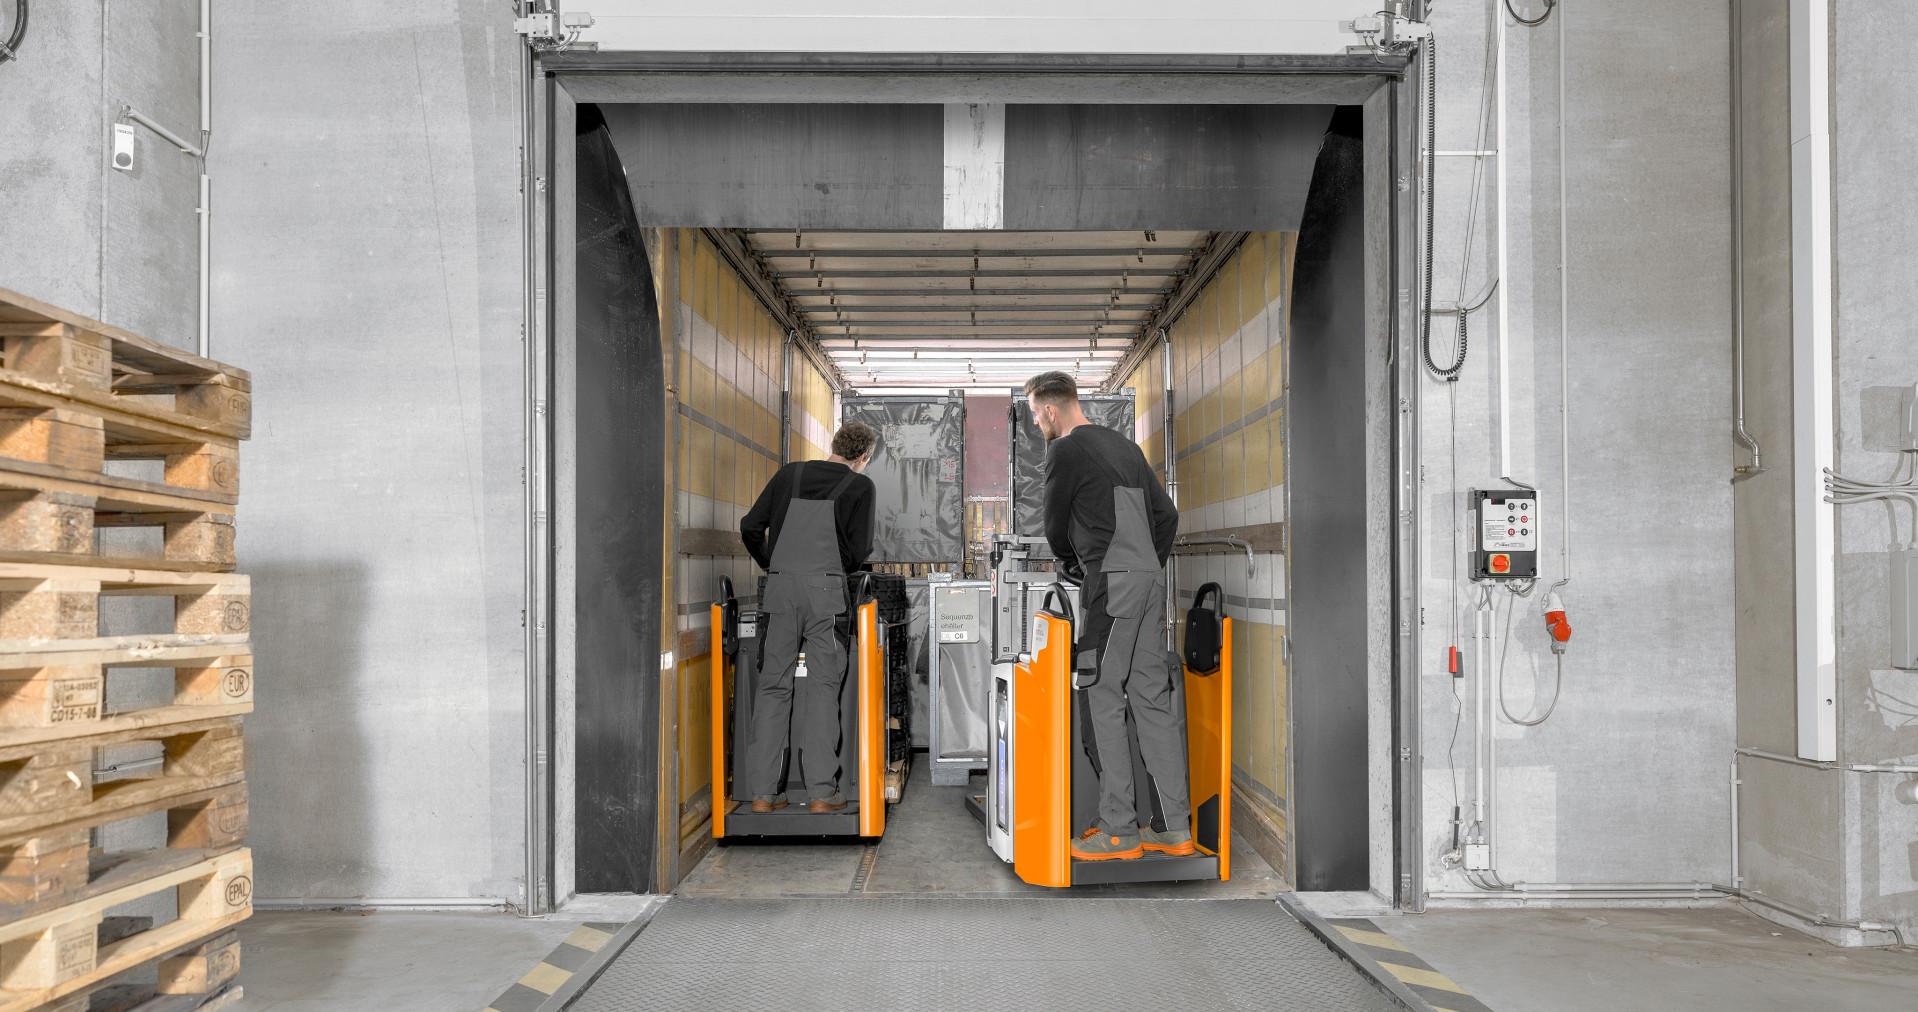 Movimentazione sicura dei carichi in spazi ristretti